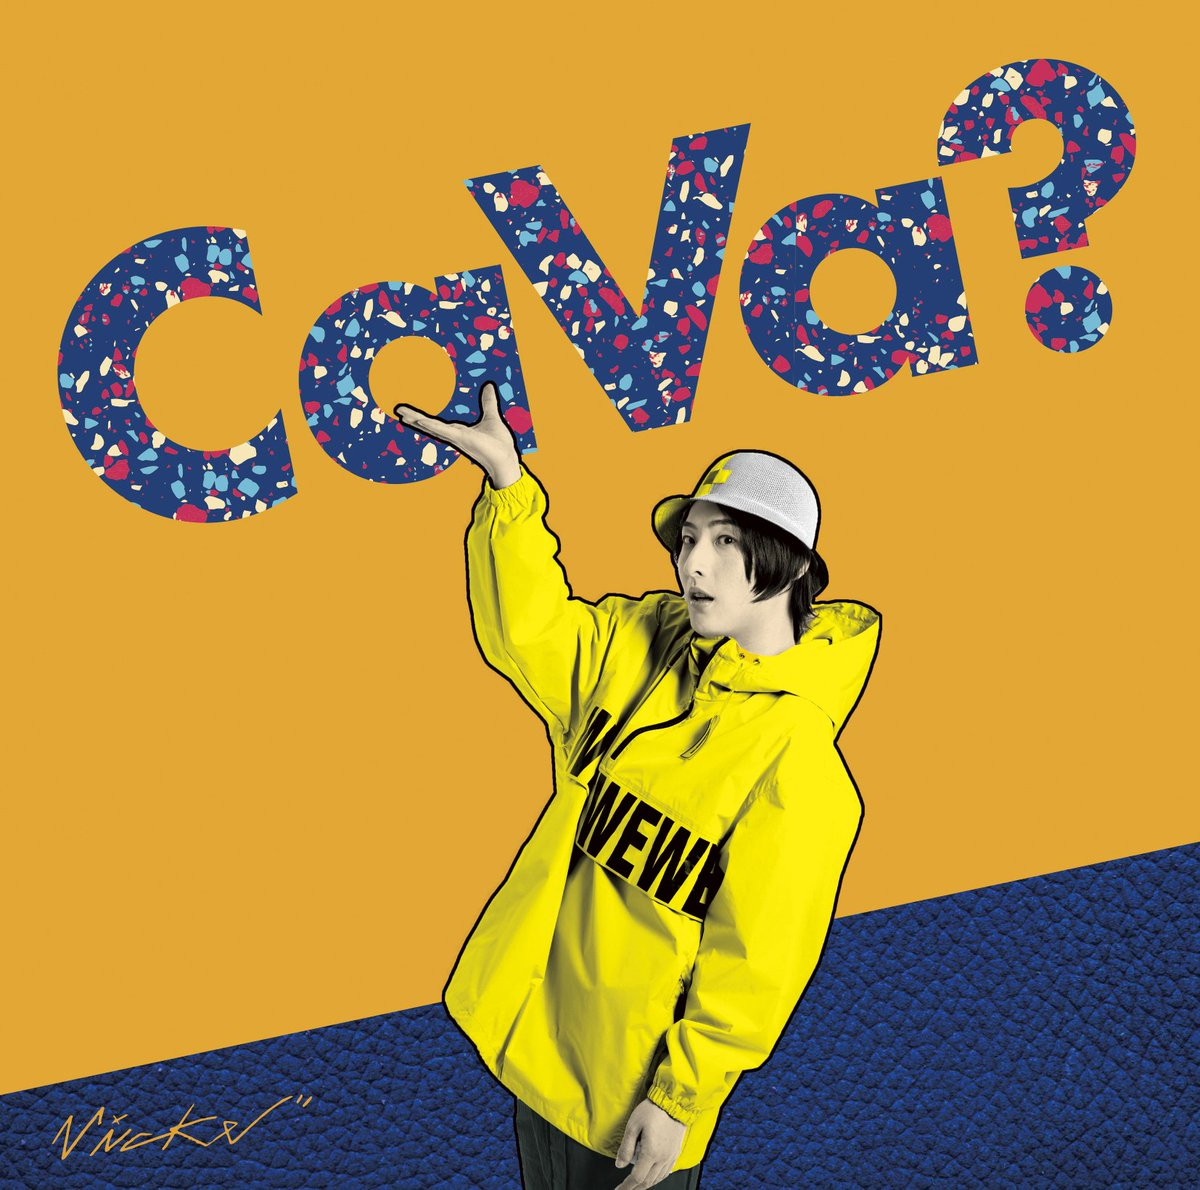 「cava ビッケブランカ」の画像検索結果